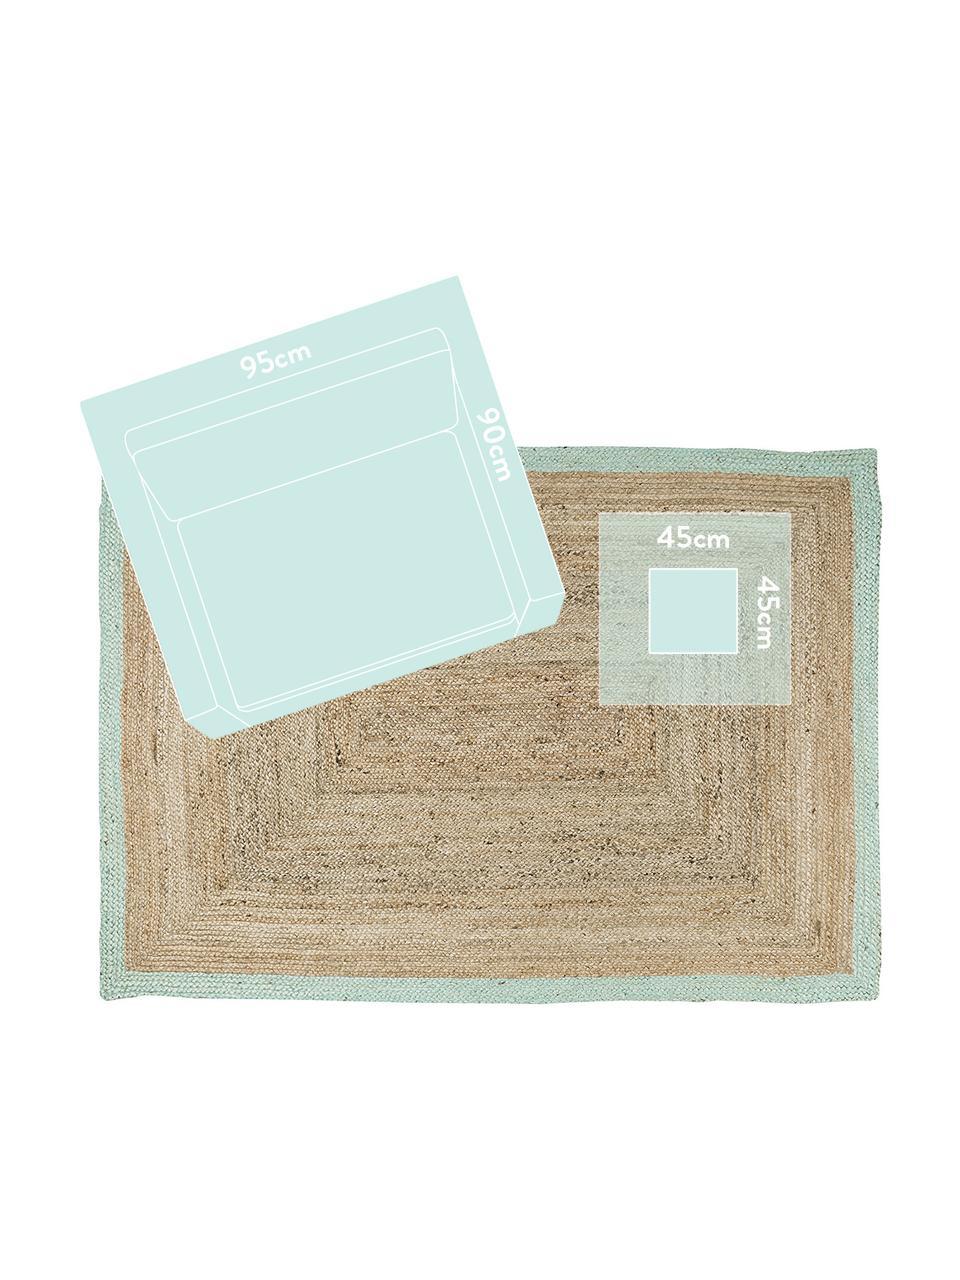 Handgefertigter Jute-Teppich Shanta mit mintgrünem Rand, 100% Jute, Jute, Mintgrün, B 160 x L 230 cm (Größe M)